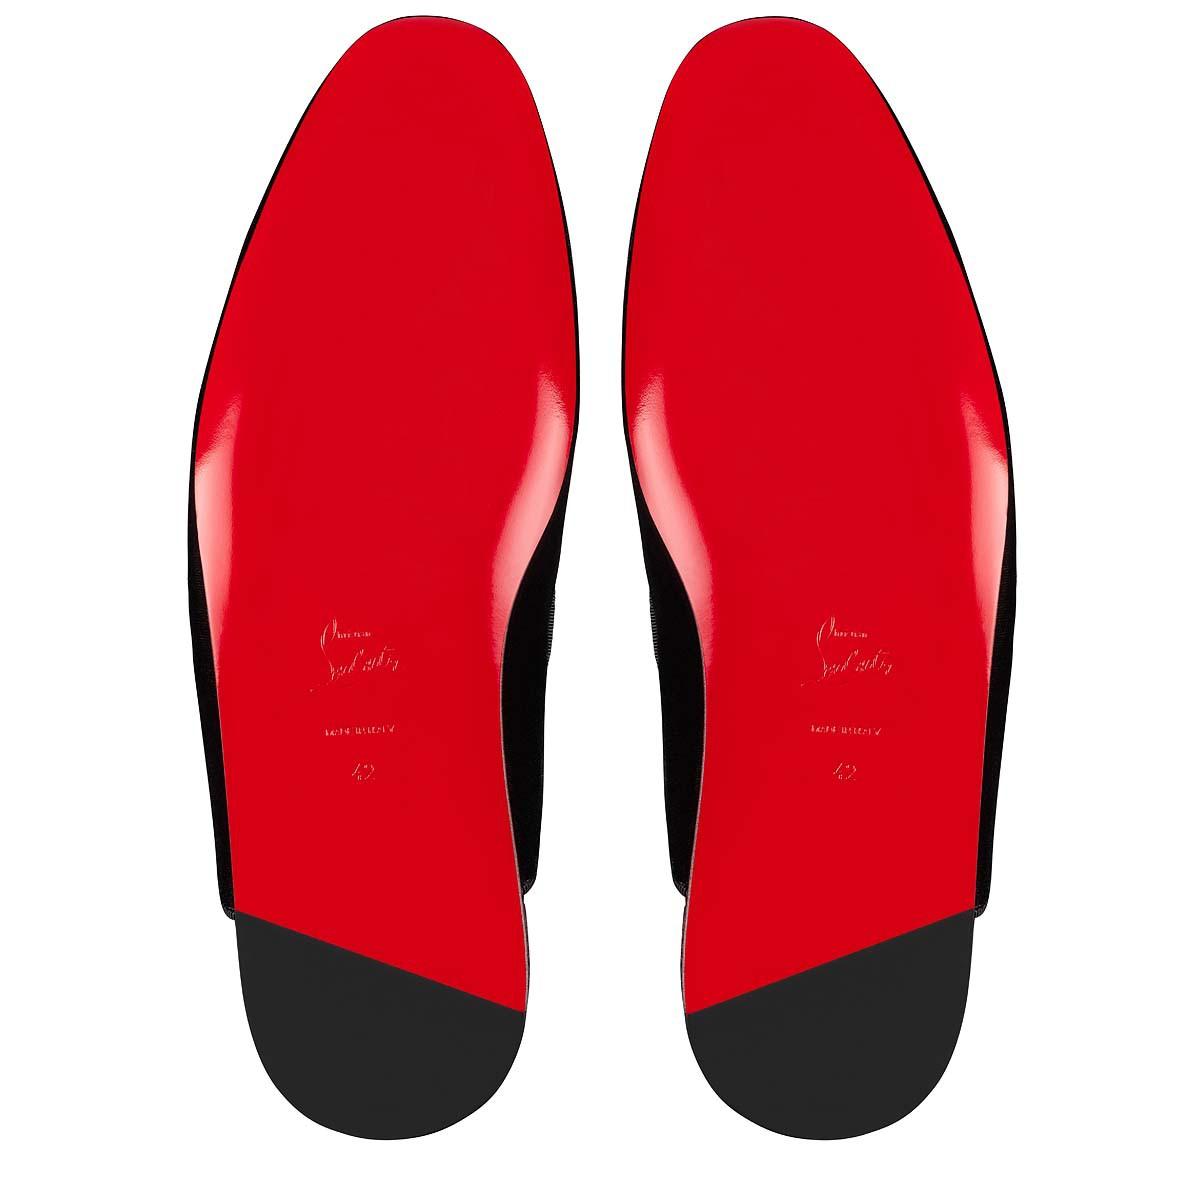 鞋履 - Navy Coolito - Christian Louboutin